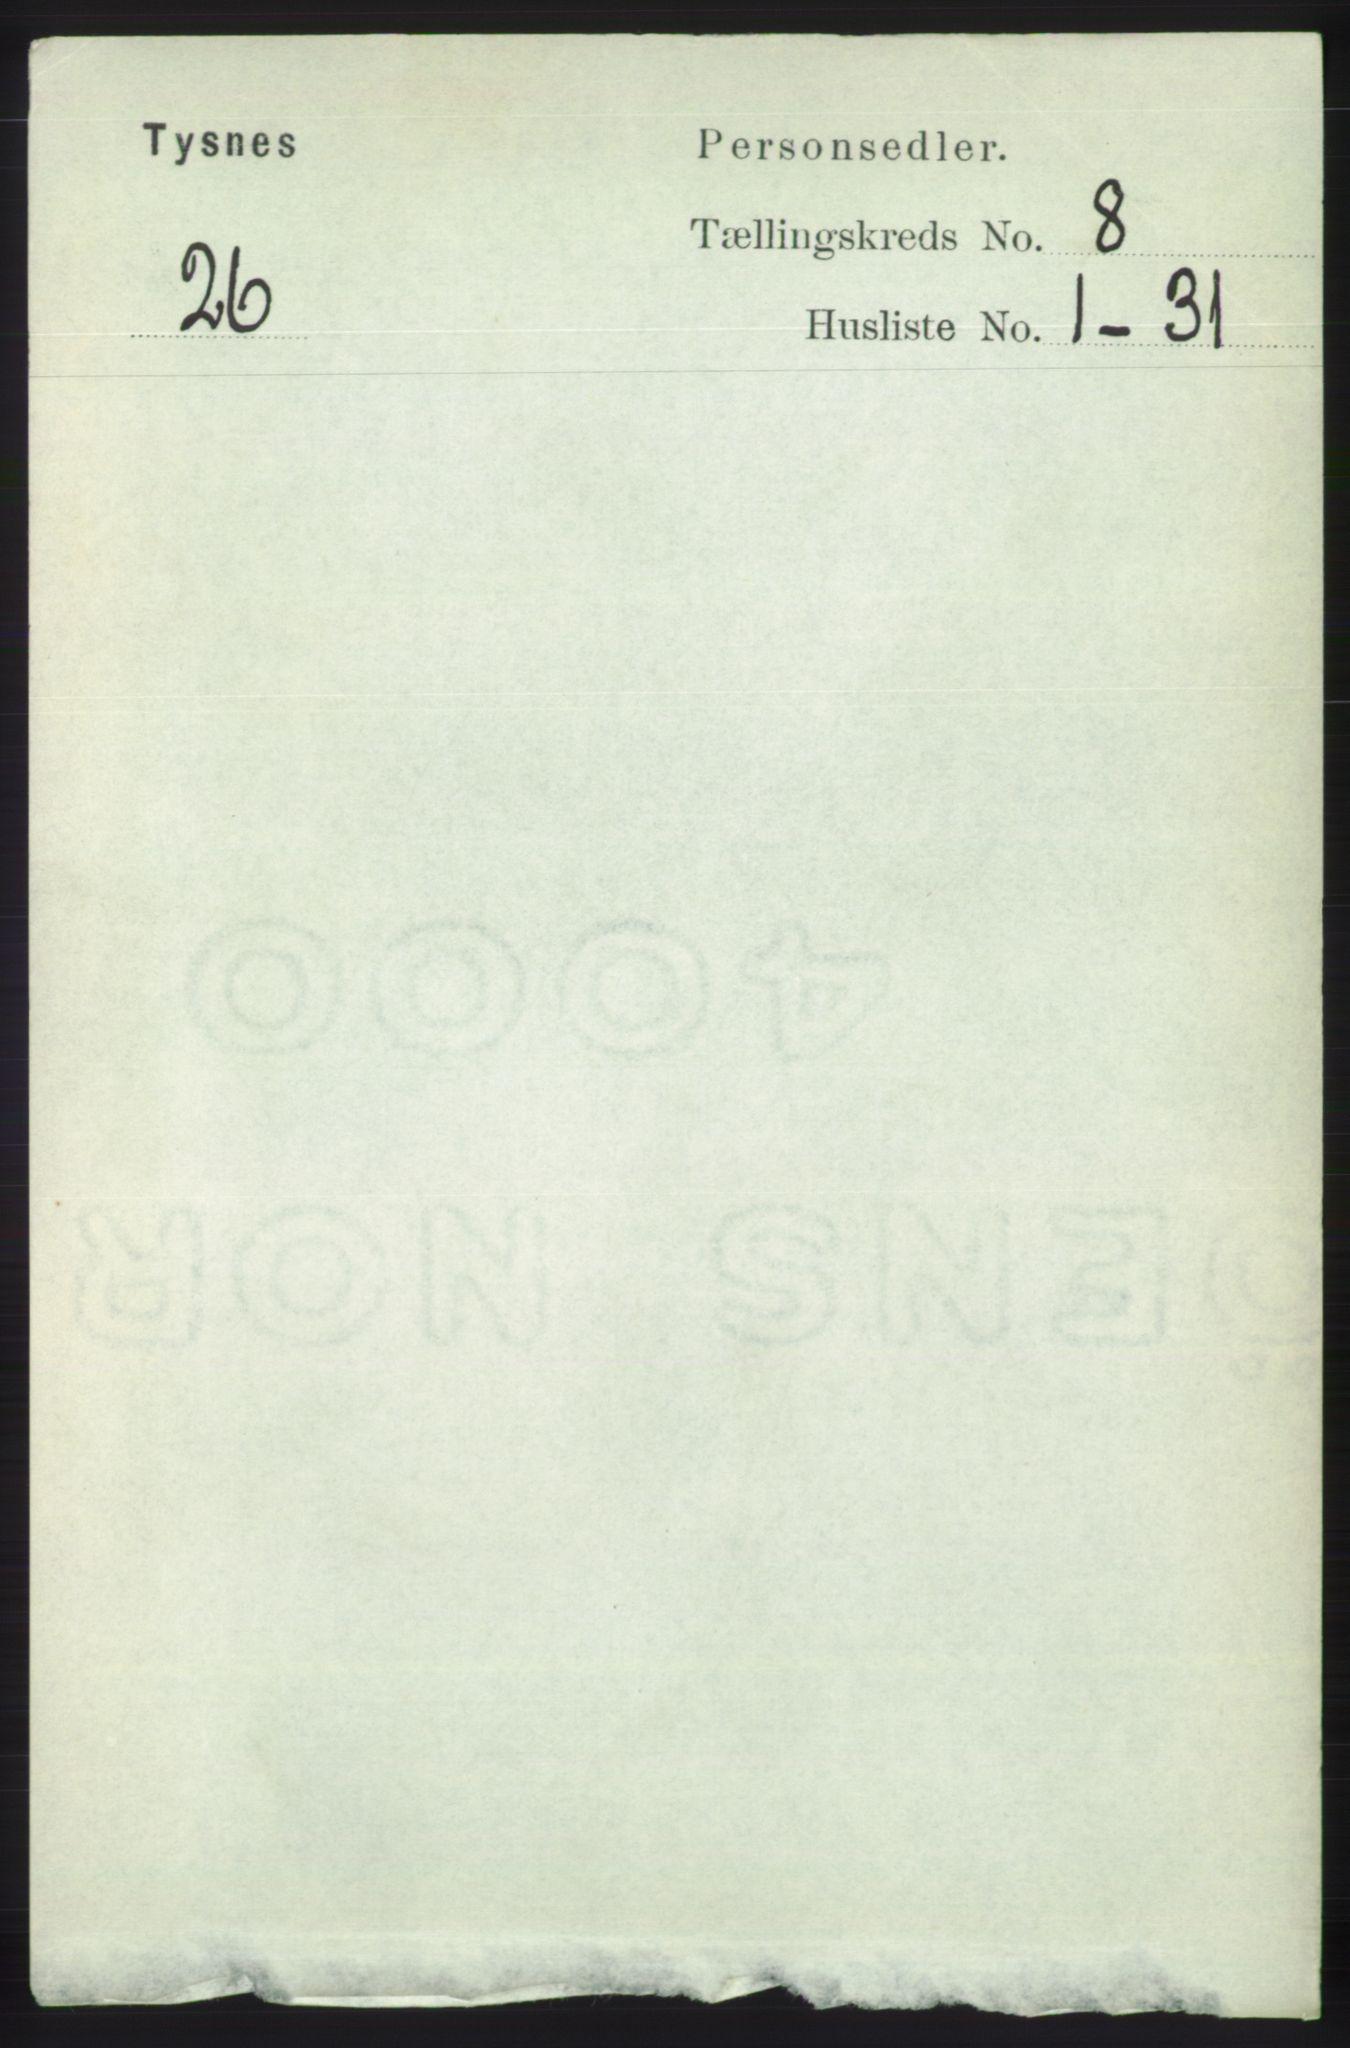 RA, Folketelling 1891 for 1223 Tysnes herred, 1891, s. 3657